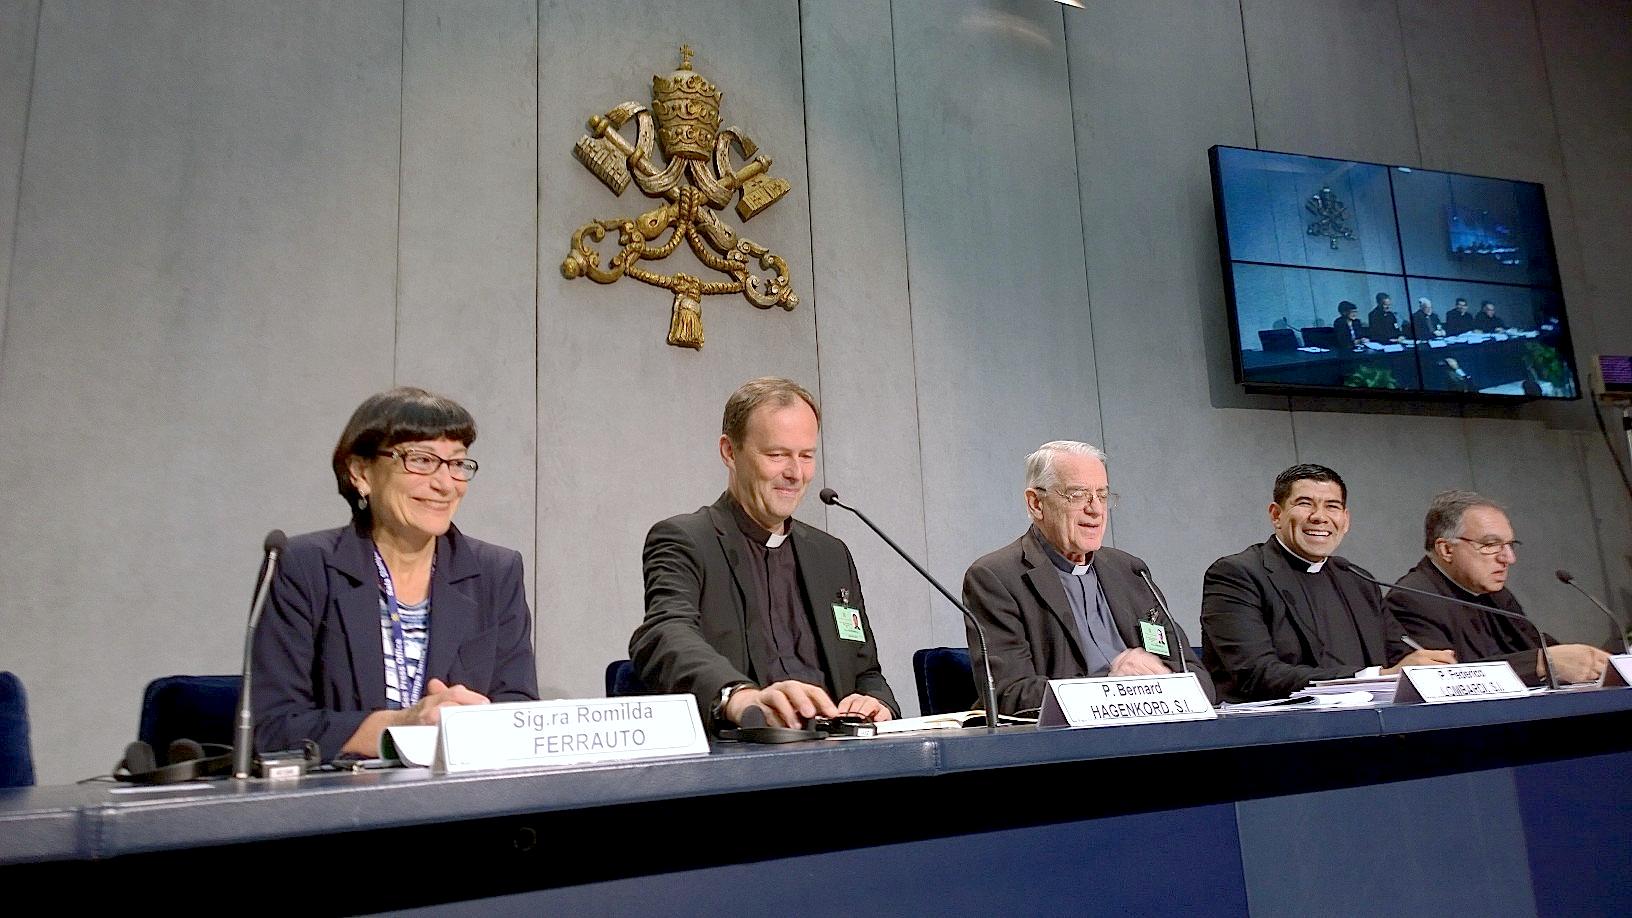 Briefing in the Vatican pressroom - Father Bernad Hagenkord S.I - 12 Octobre 2015